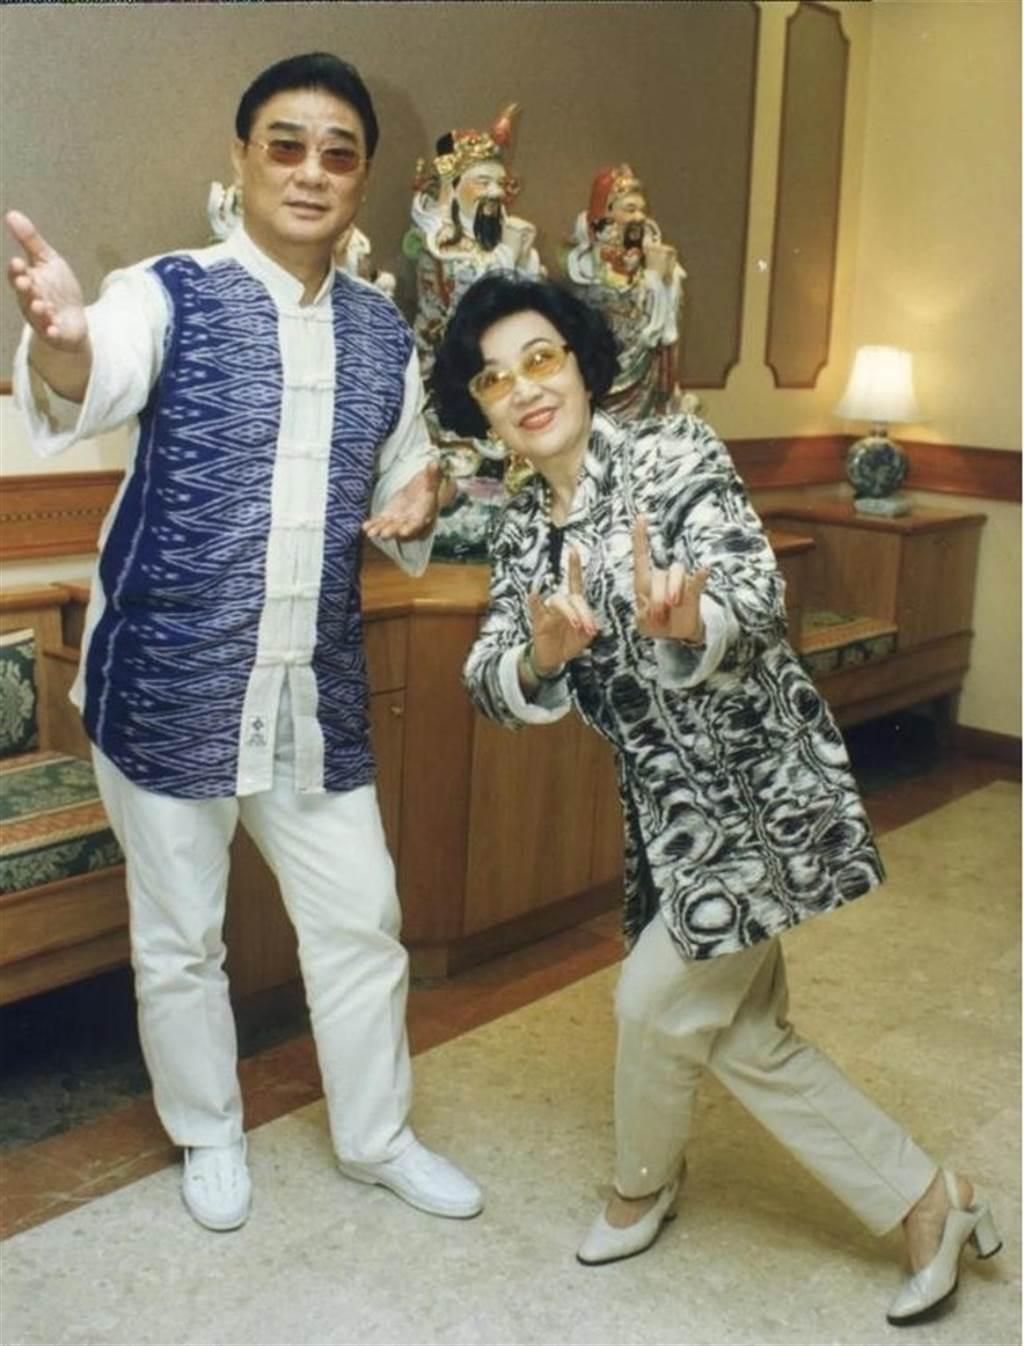 李香琴與譚炳文默契絕佳,合作30幾年緋聞滿天翻。(圖/翻攝東網)